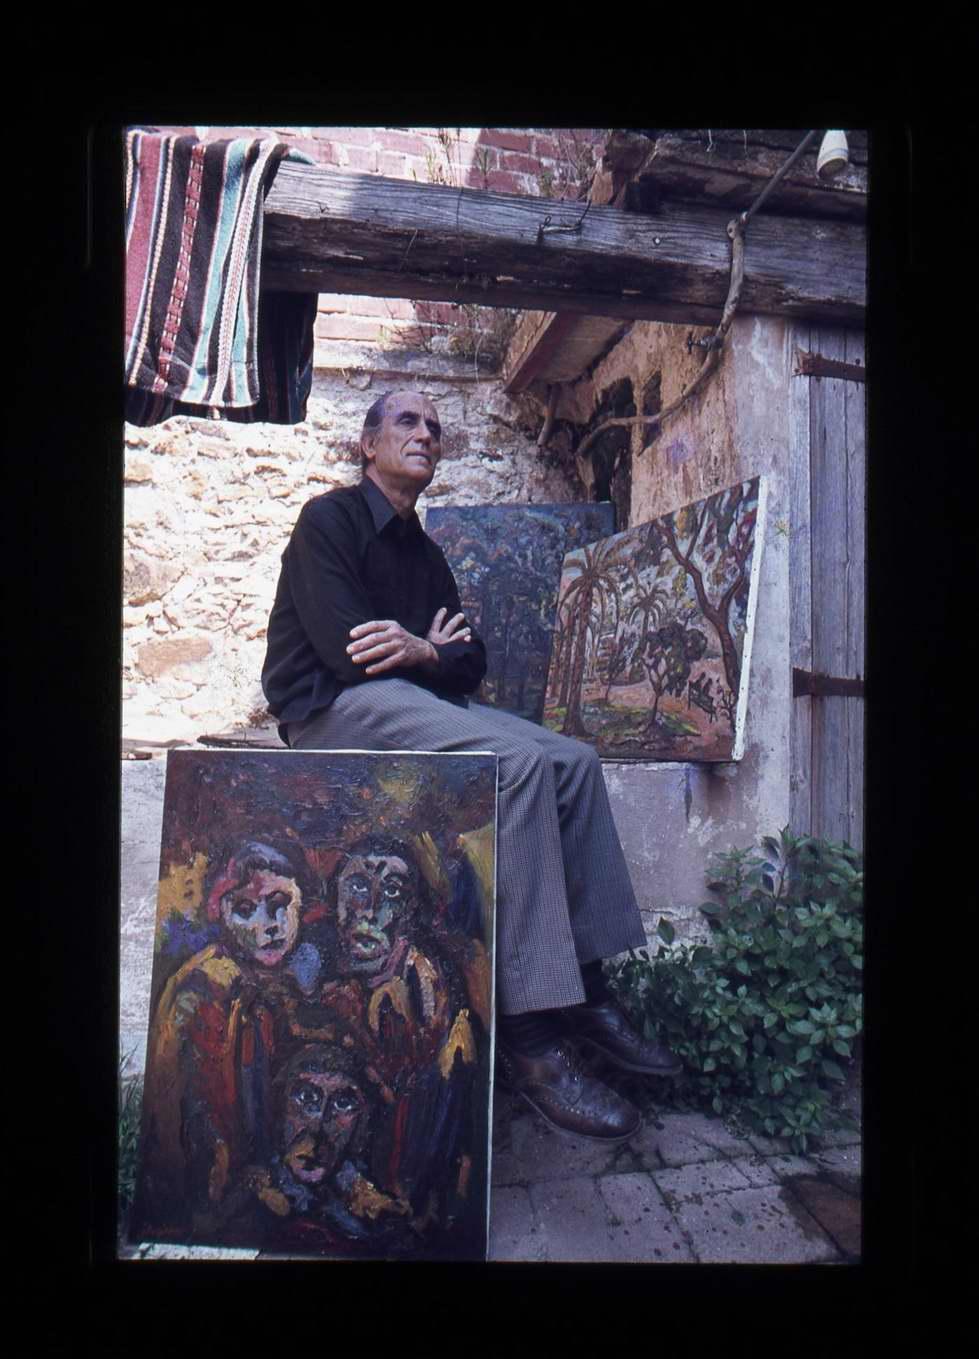 Josep Albertí amb alguns dels seus quadres el 17 de setembre de 1978. AMSFG. Fons Alfons Hereu Ruax (autor: Alfons Hereu).